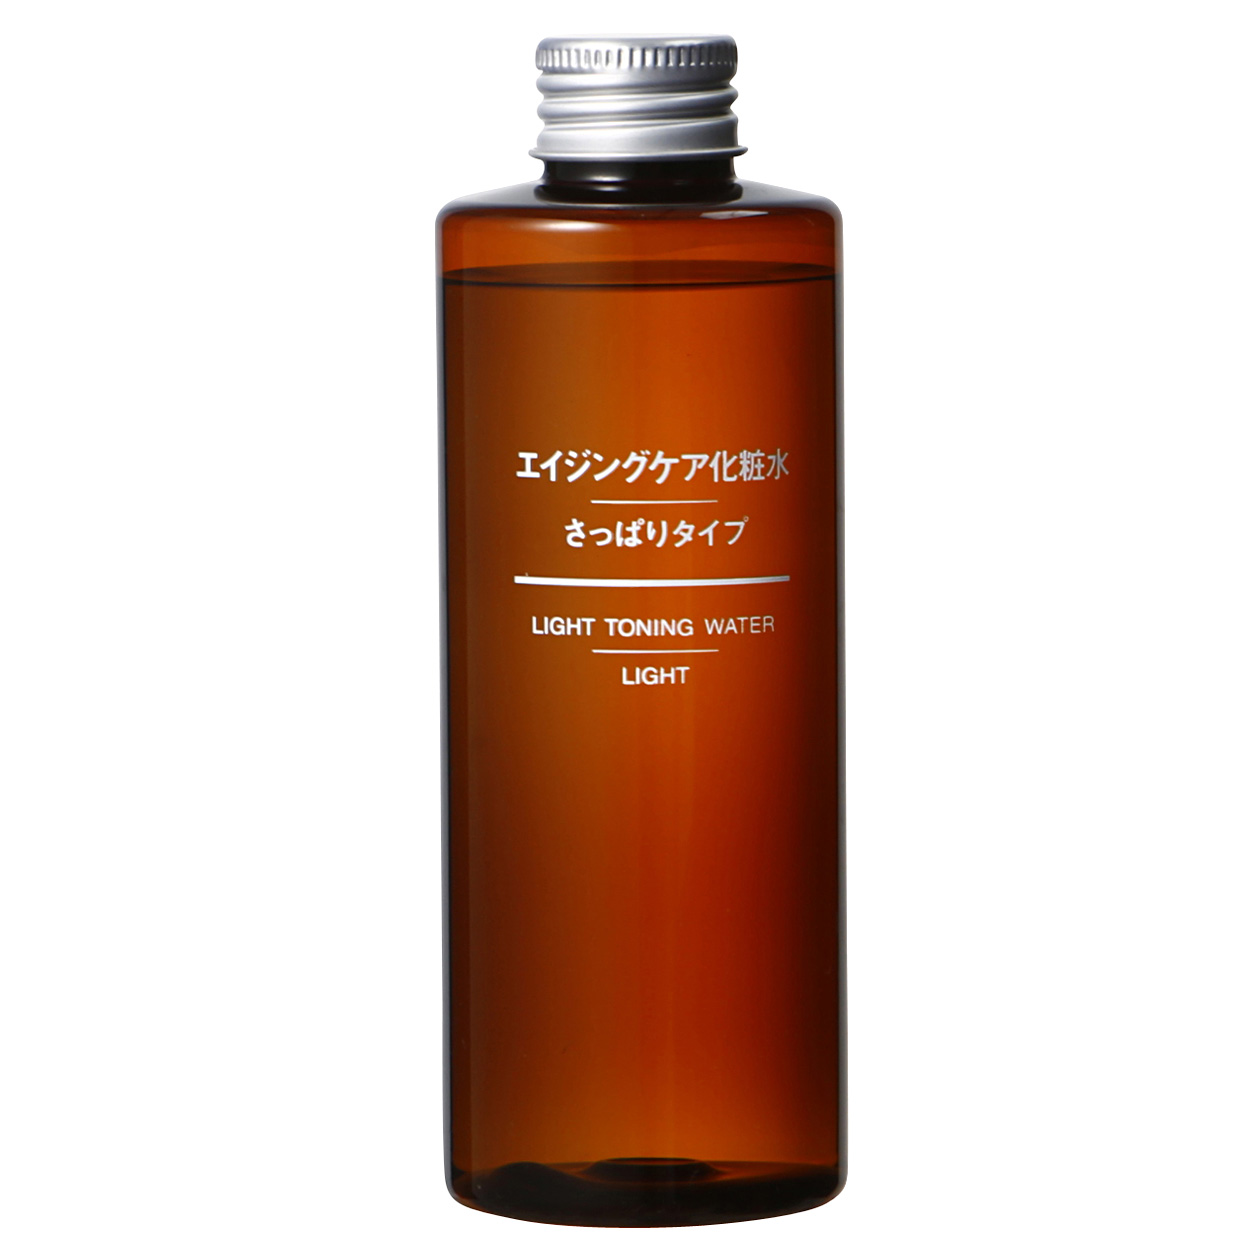 エイジングケア化粧水・さっぱりタイプ